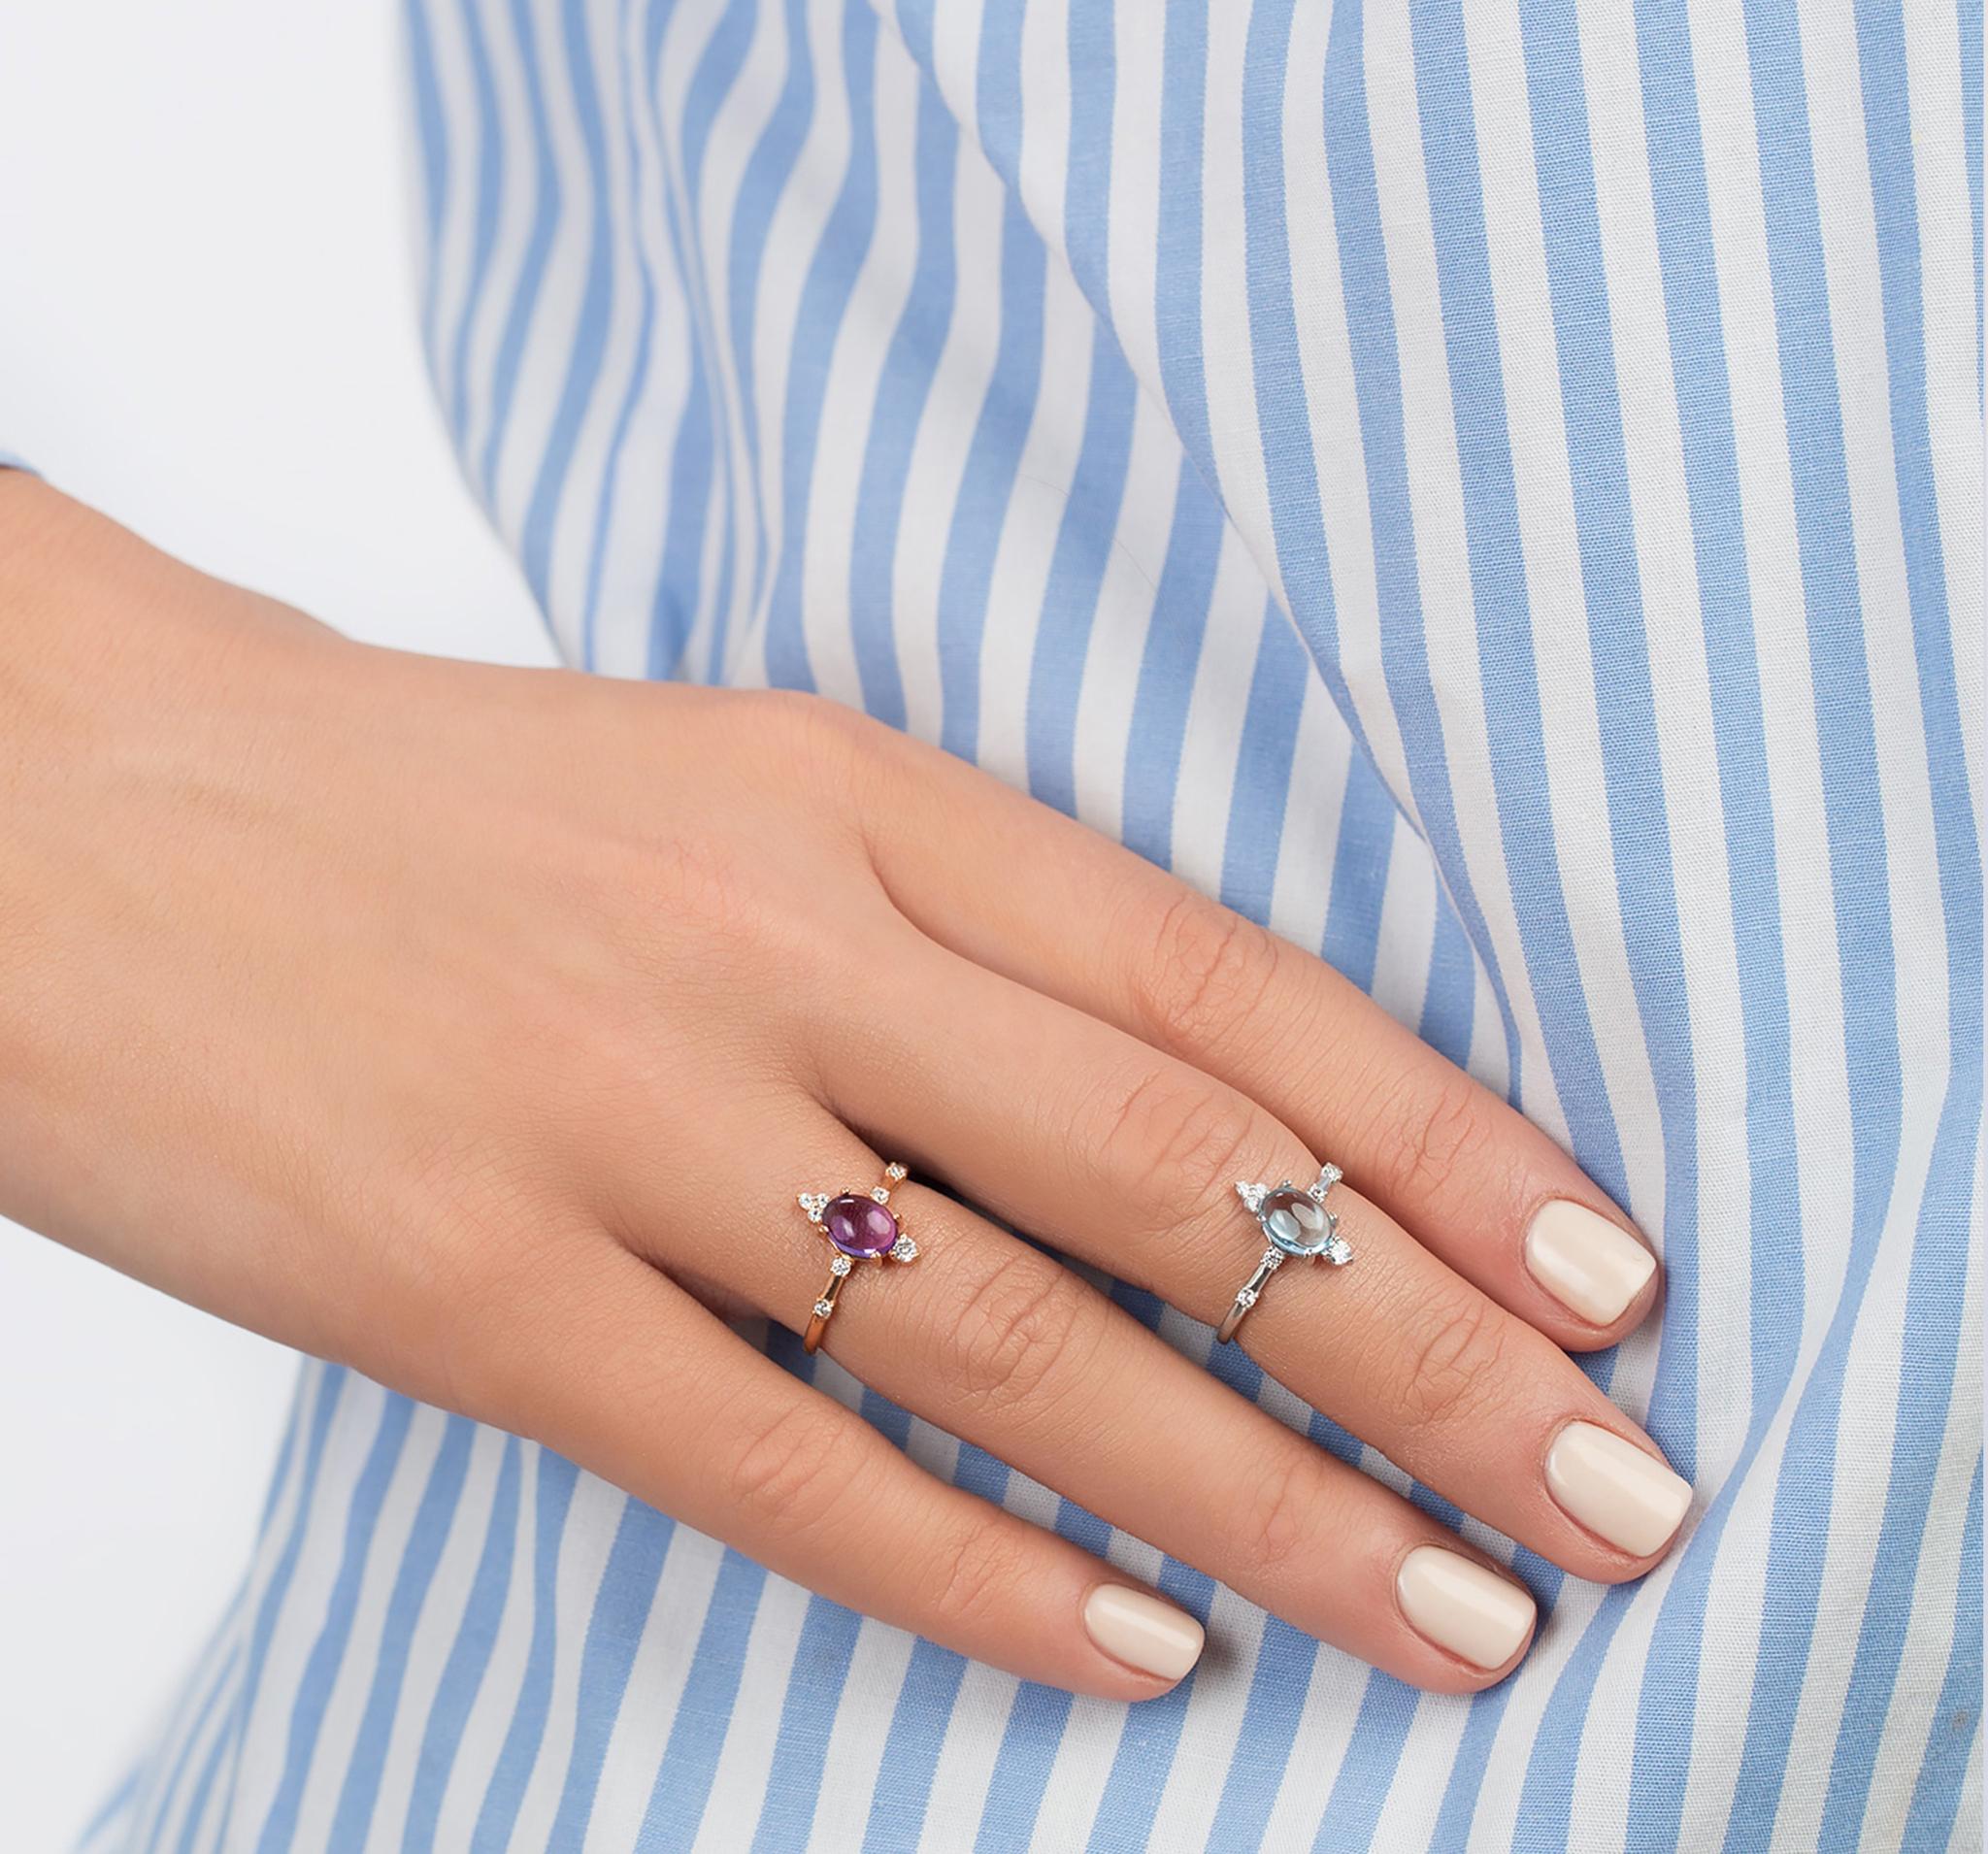 Кольцо из позолоченного серебра с кабошоном натурального аметиста от MOONKA STUDIO